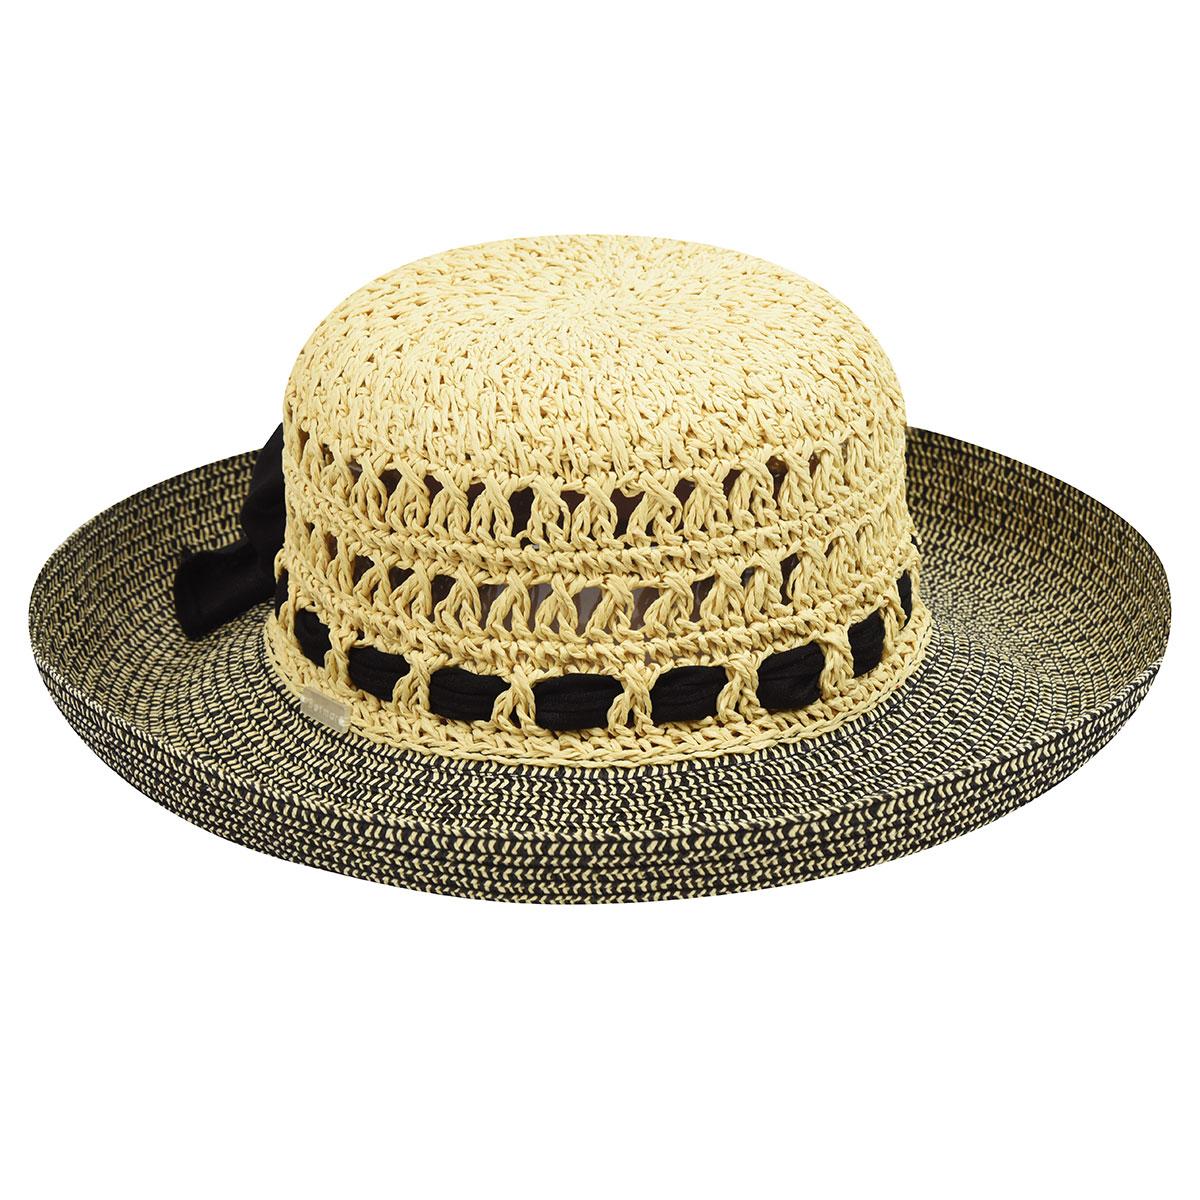 Betmar Maribel Sun Hat in Natural,Black